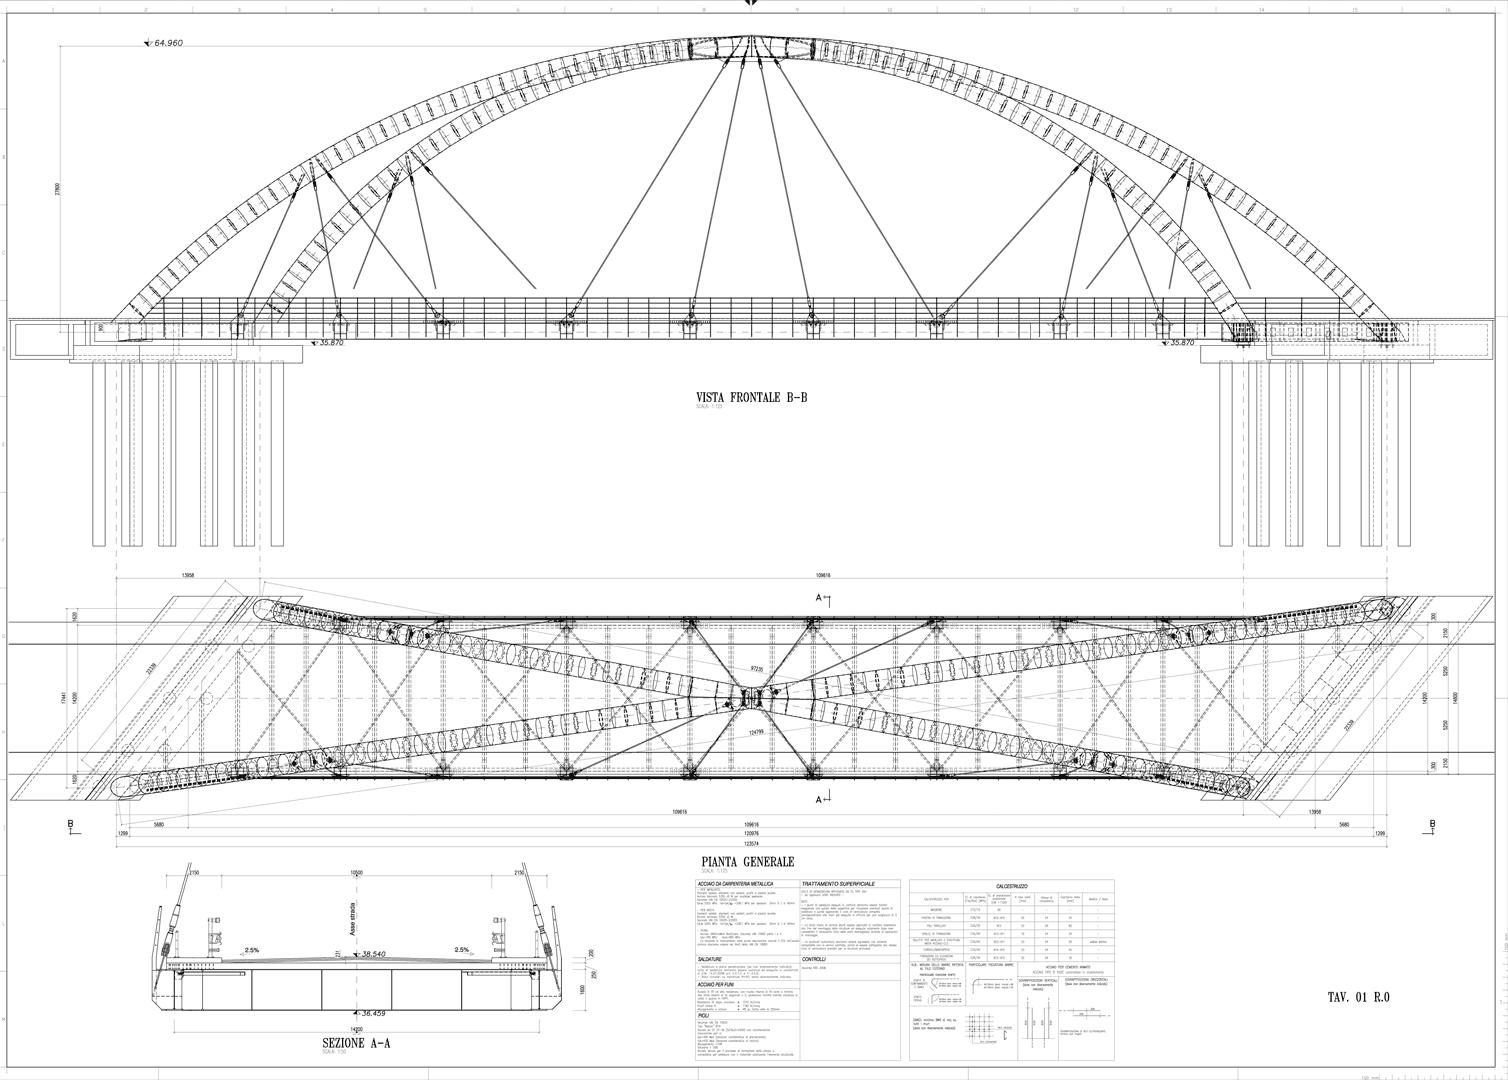 disegni del progetto del ponte sul Versa a Mariano